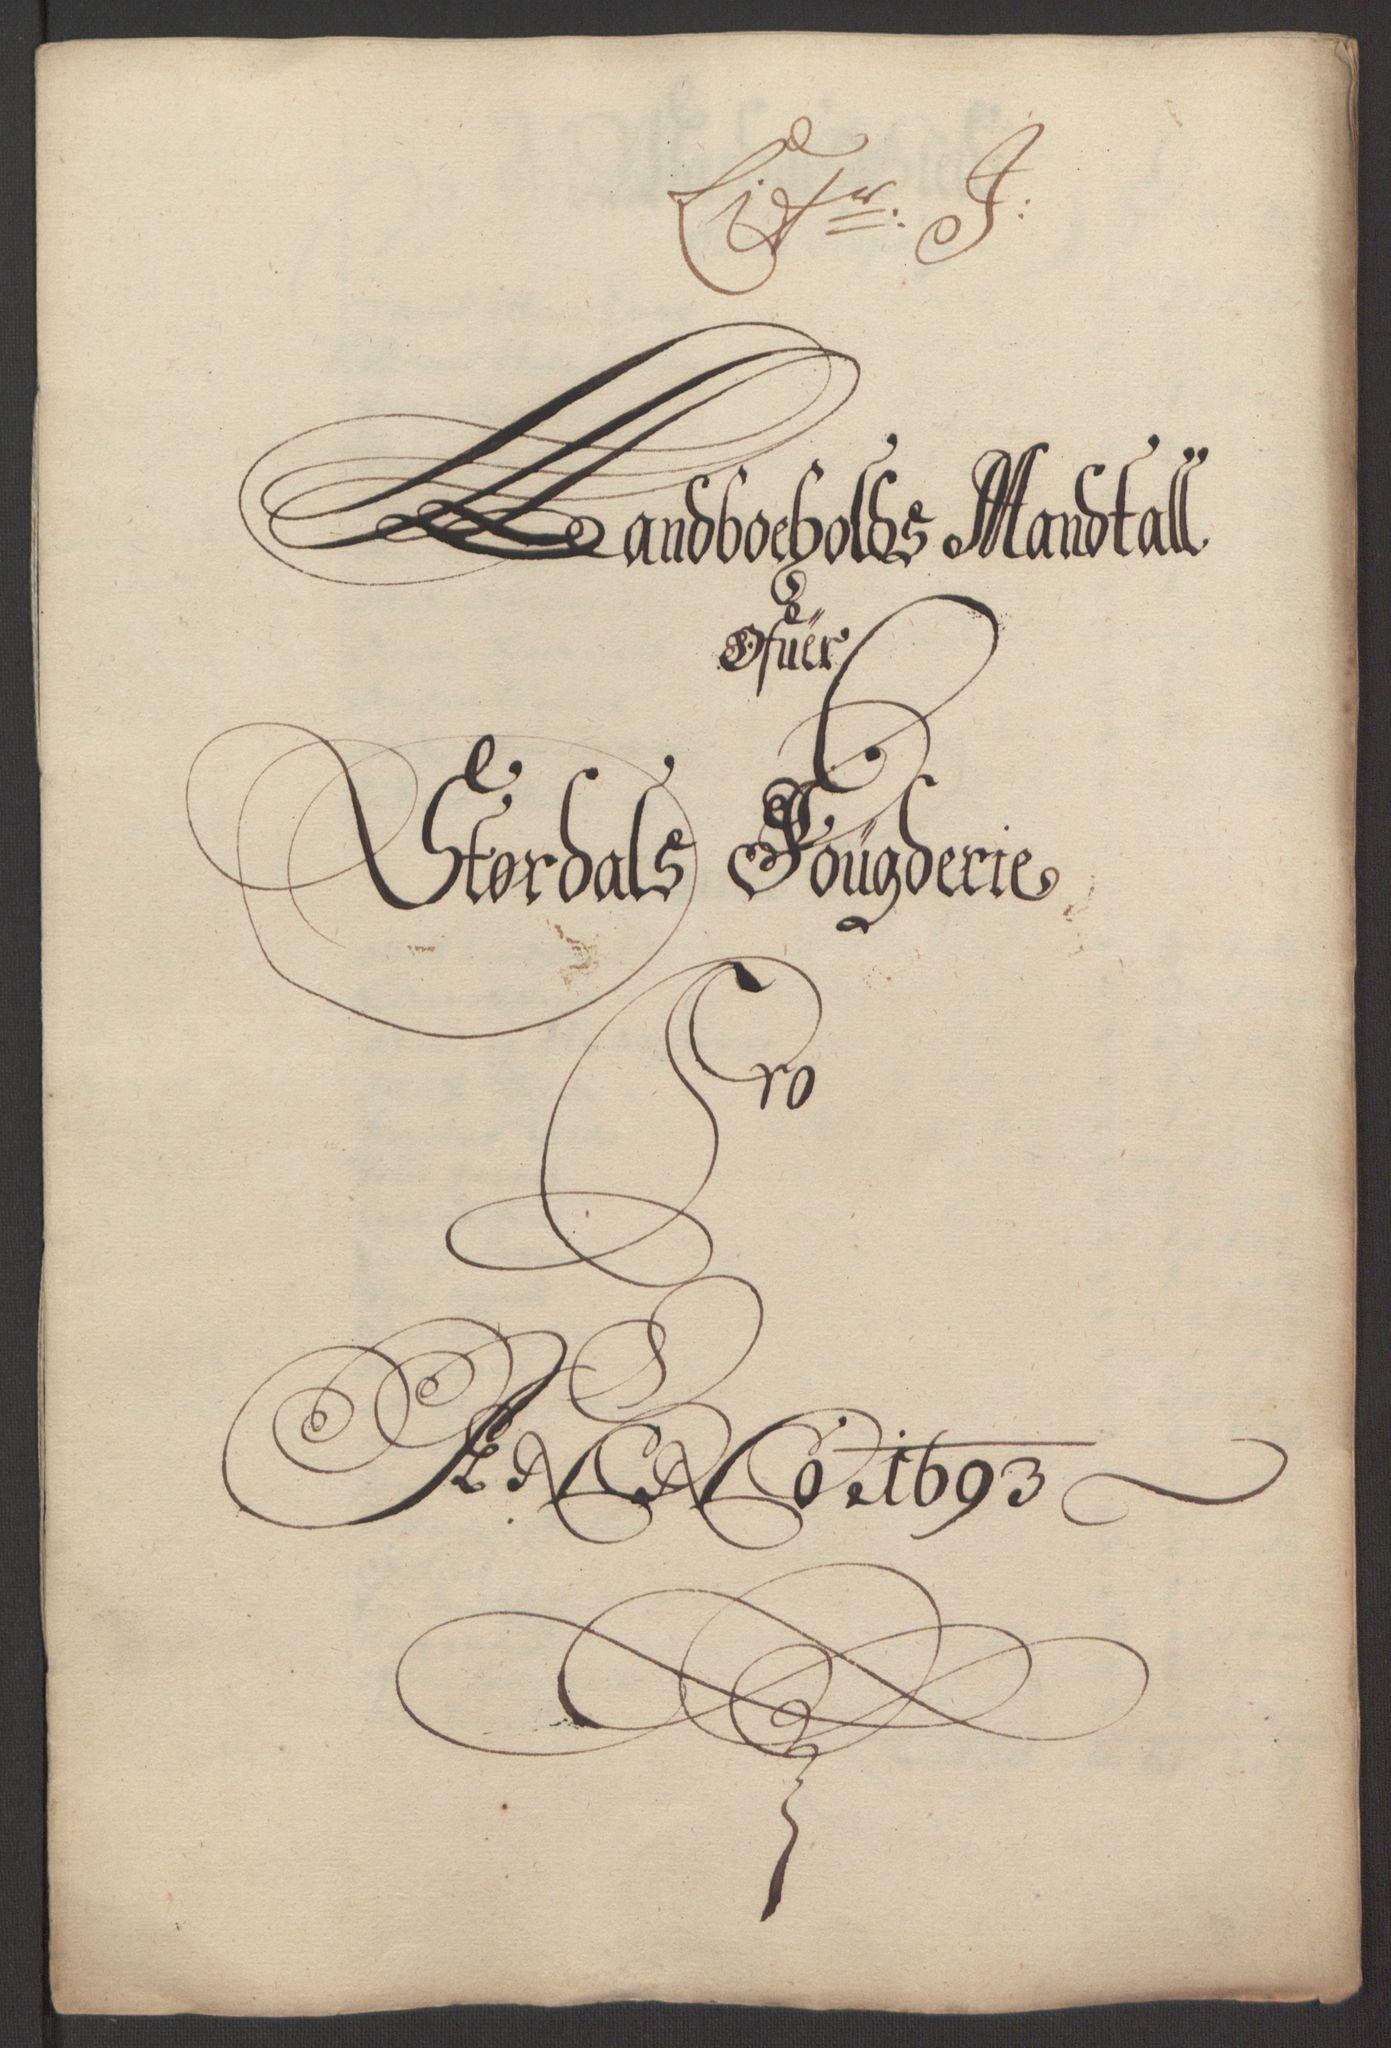 RA, Rentekammeret inntil 1814, Reviderte regnskaper, Fogderegnskap, R62/L4186: Fogderegnskap Stjørdal og Verdal, 1693-1694, s. 120